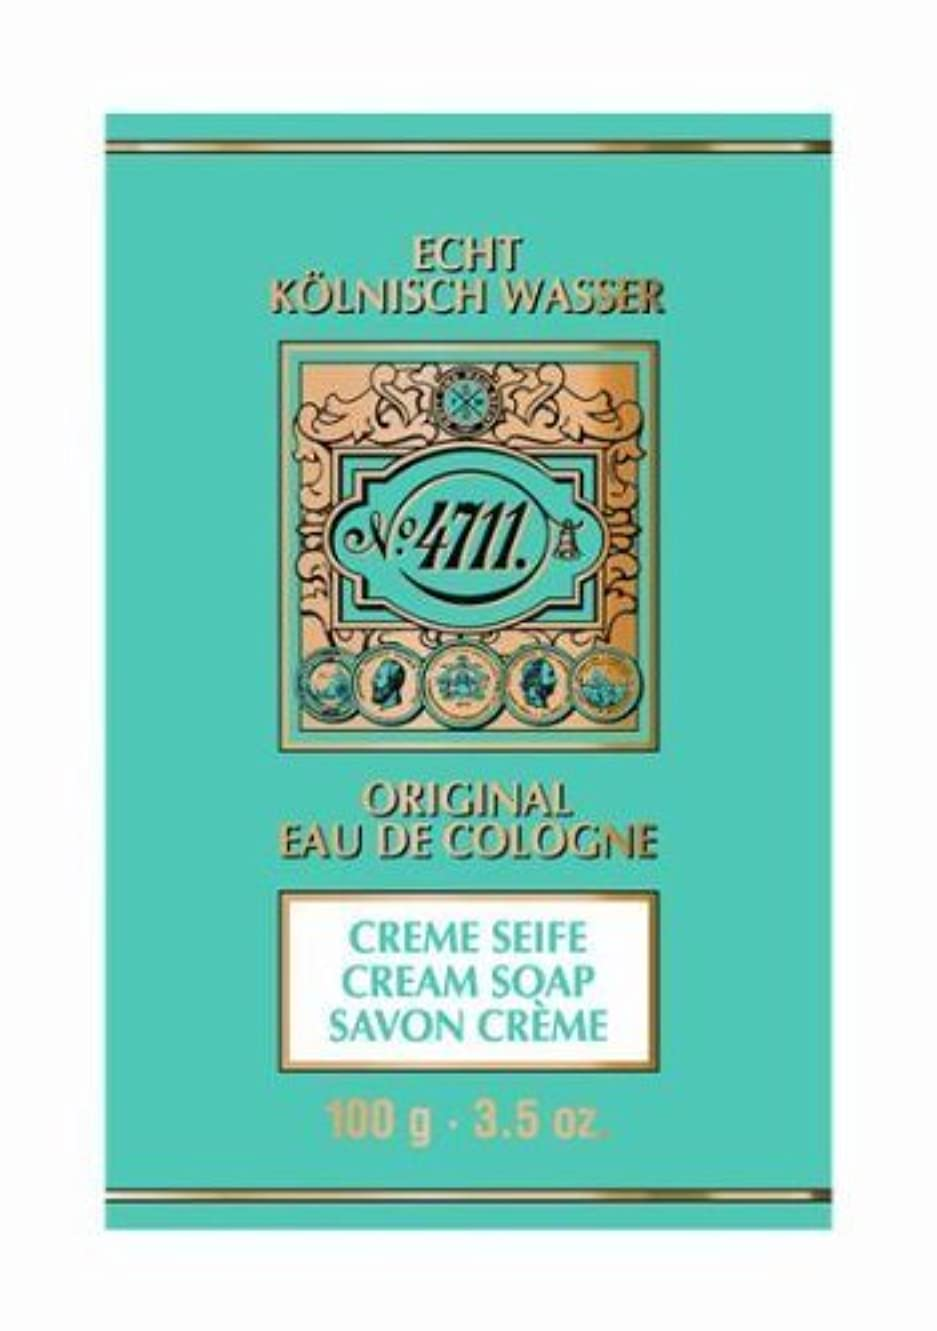 解体するバスト人気の4711 Cream Soap 100g by Globalbeauty [並行輸入品]